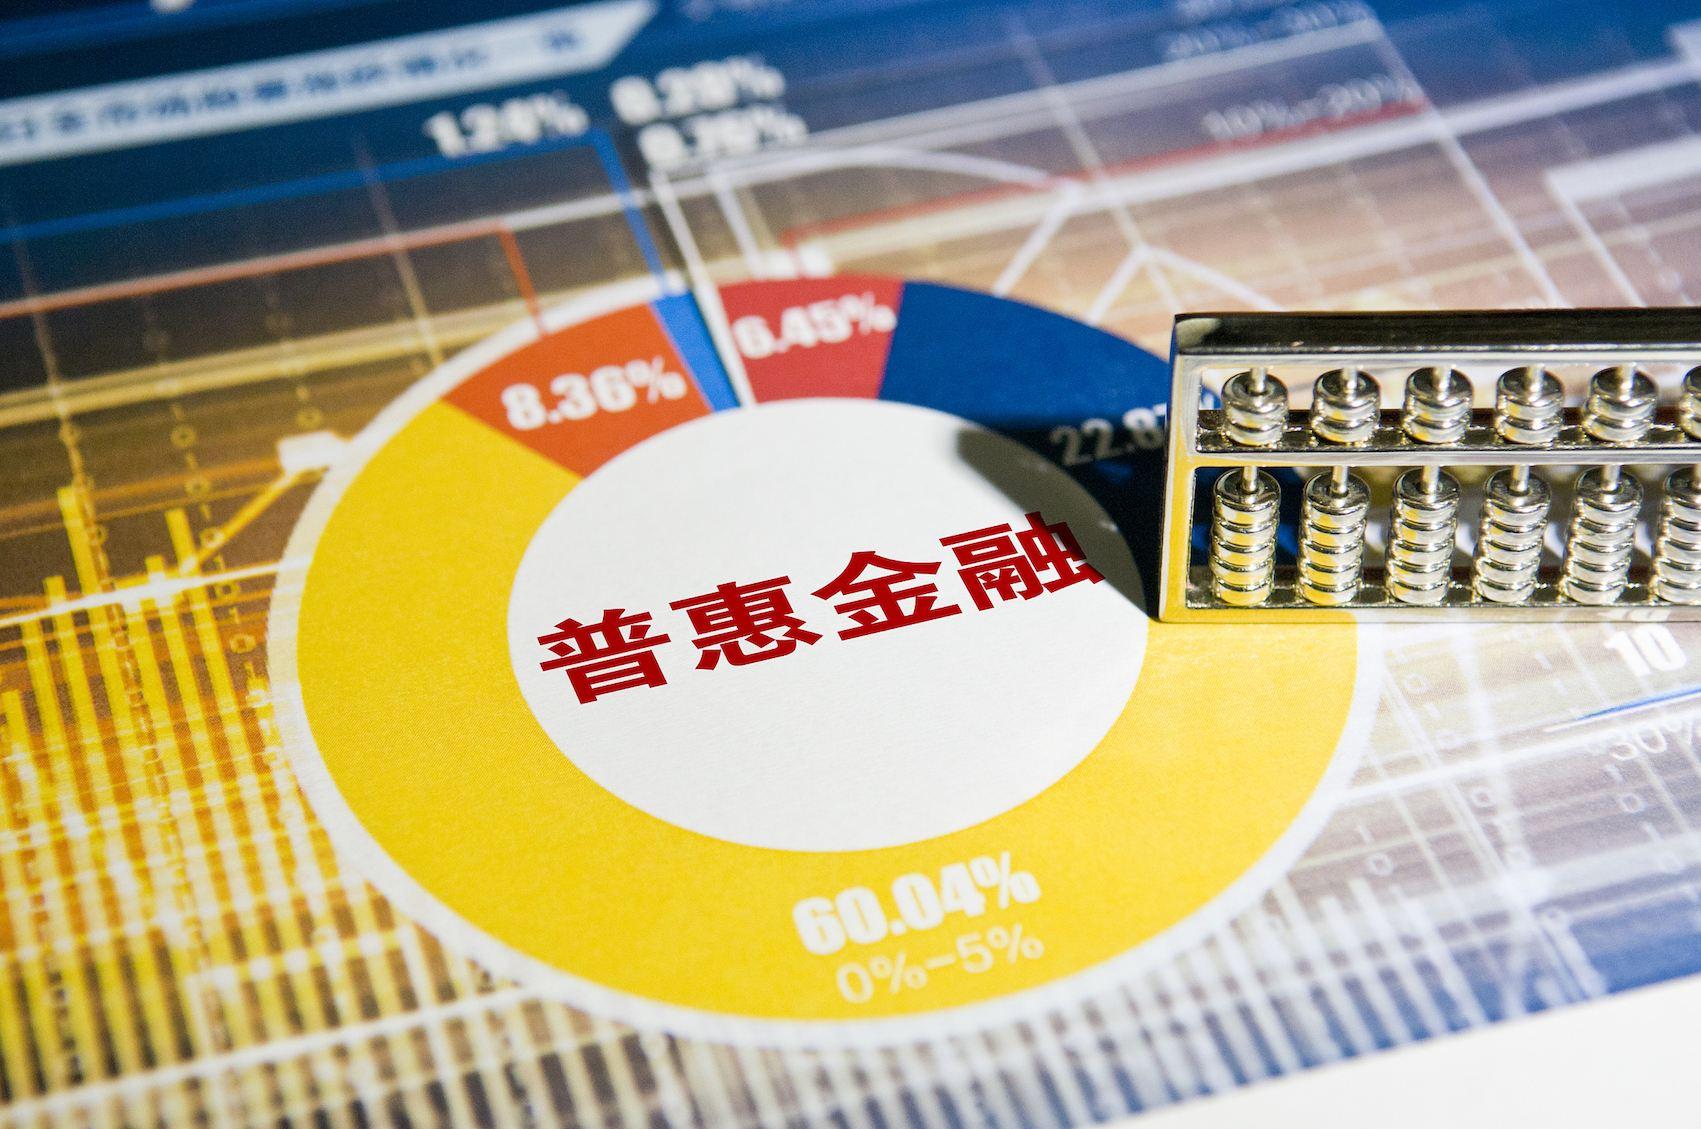 普惠金融是什么意思啊?普惠金融是哪个平台?普惠金融公司怎么样?